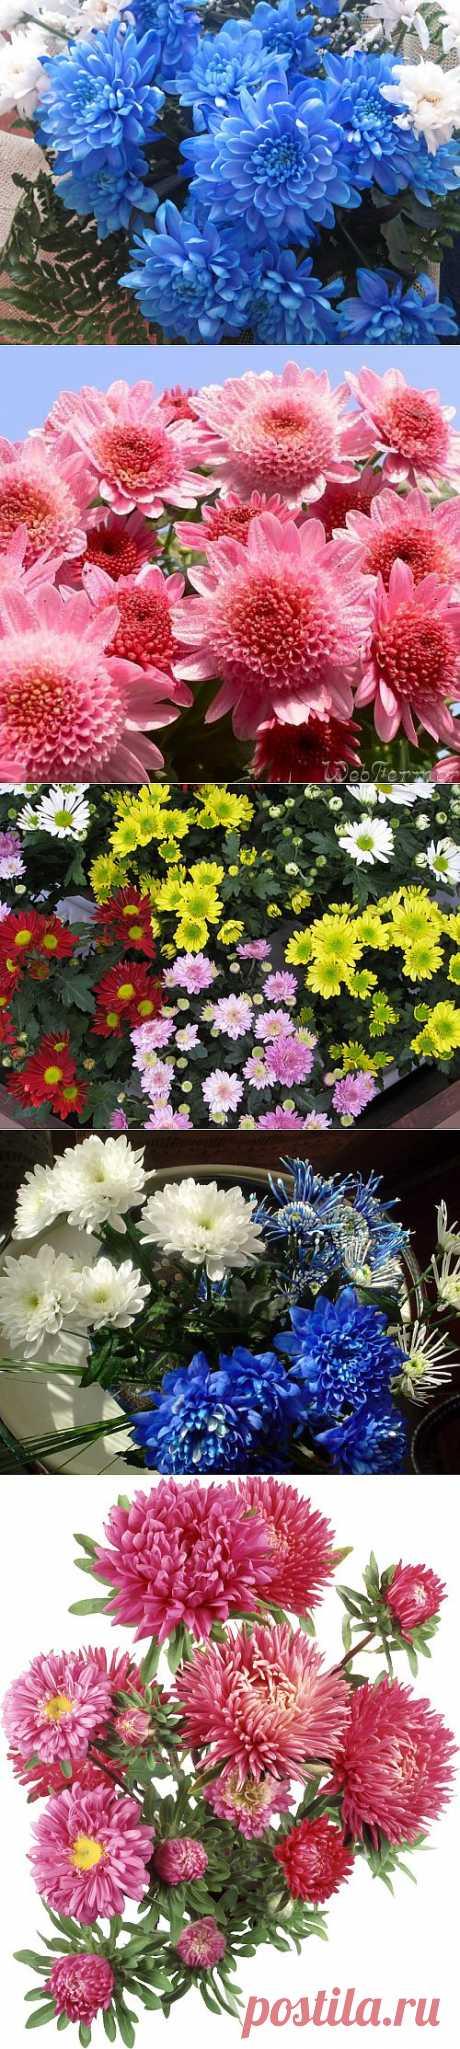 фото цветы хризантемы